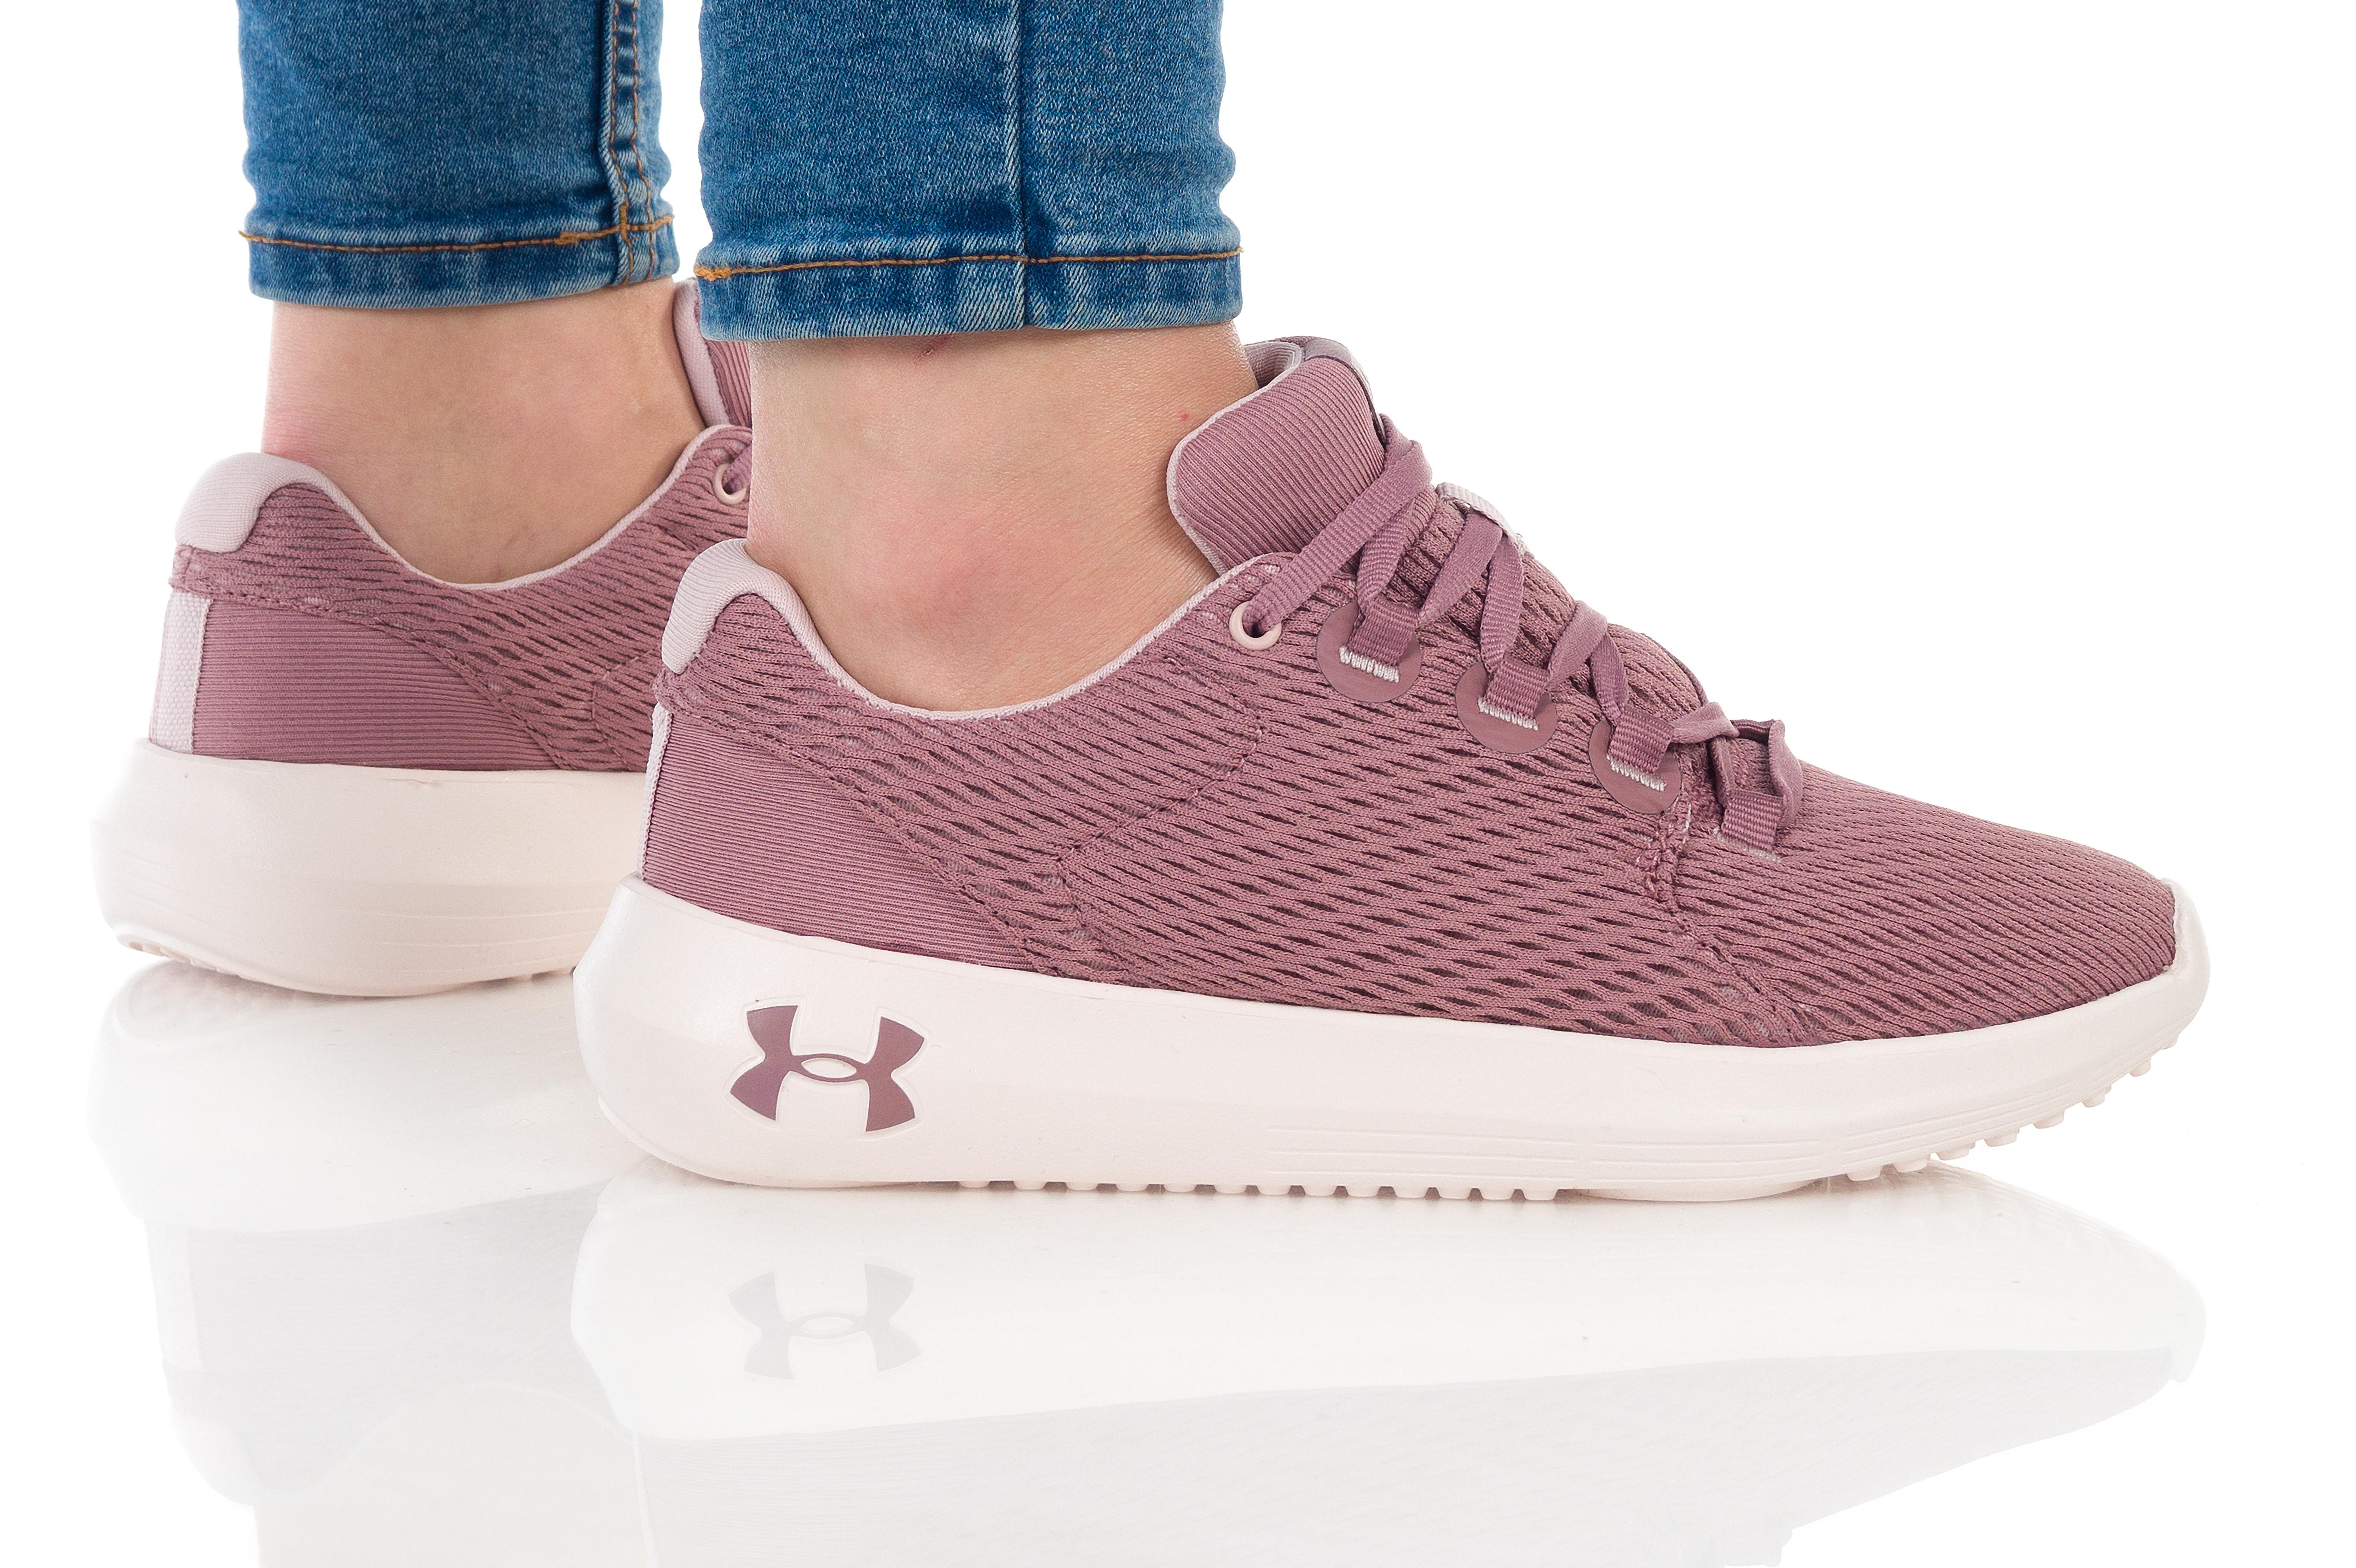 נעליים אנדר ארמור לנשים Under Armour Ripple 2.0 NM1 - ורוד